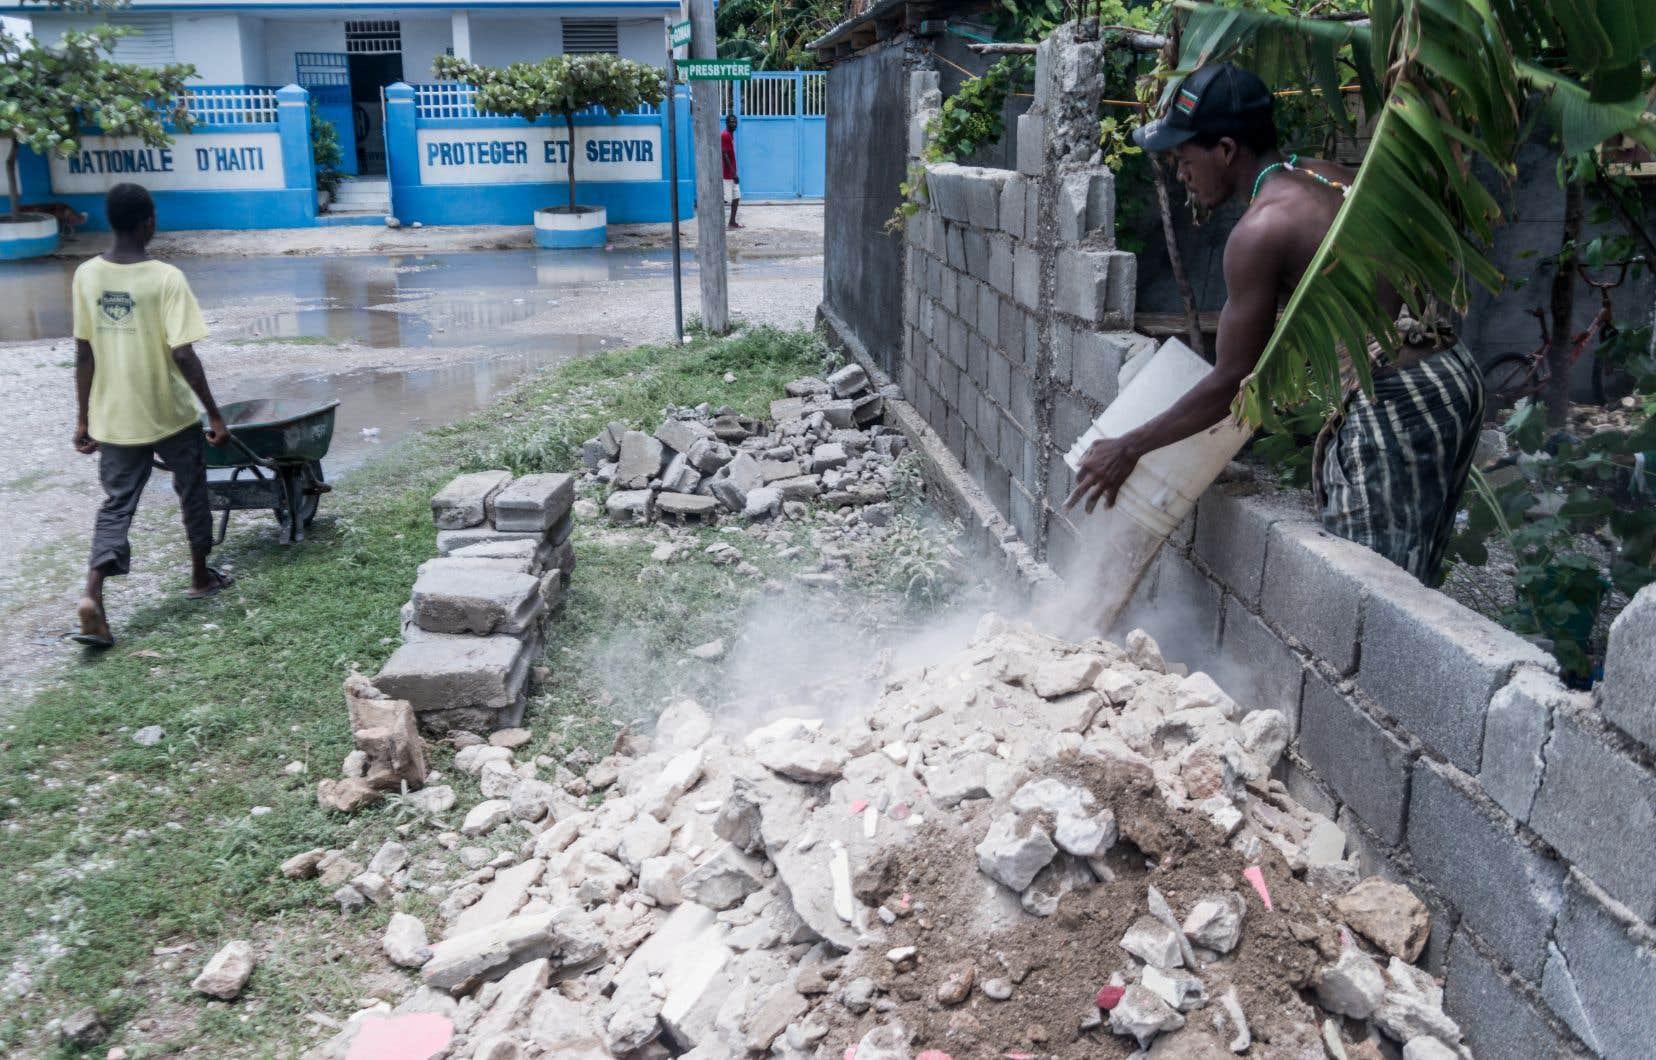 Selon la Protection civile haïtienne, le bilan du tremblement de terre s'élevait mercredi soir à 2189 morts, 332 disparus et plus de 12000 blessés.